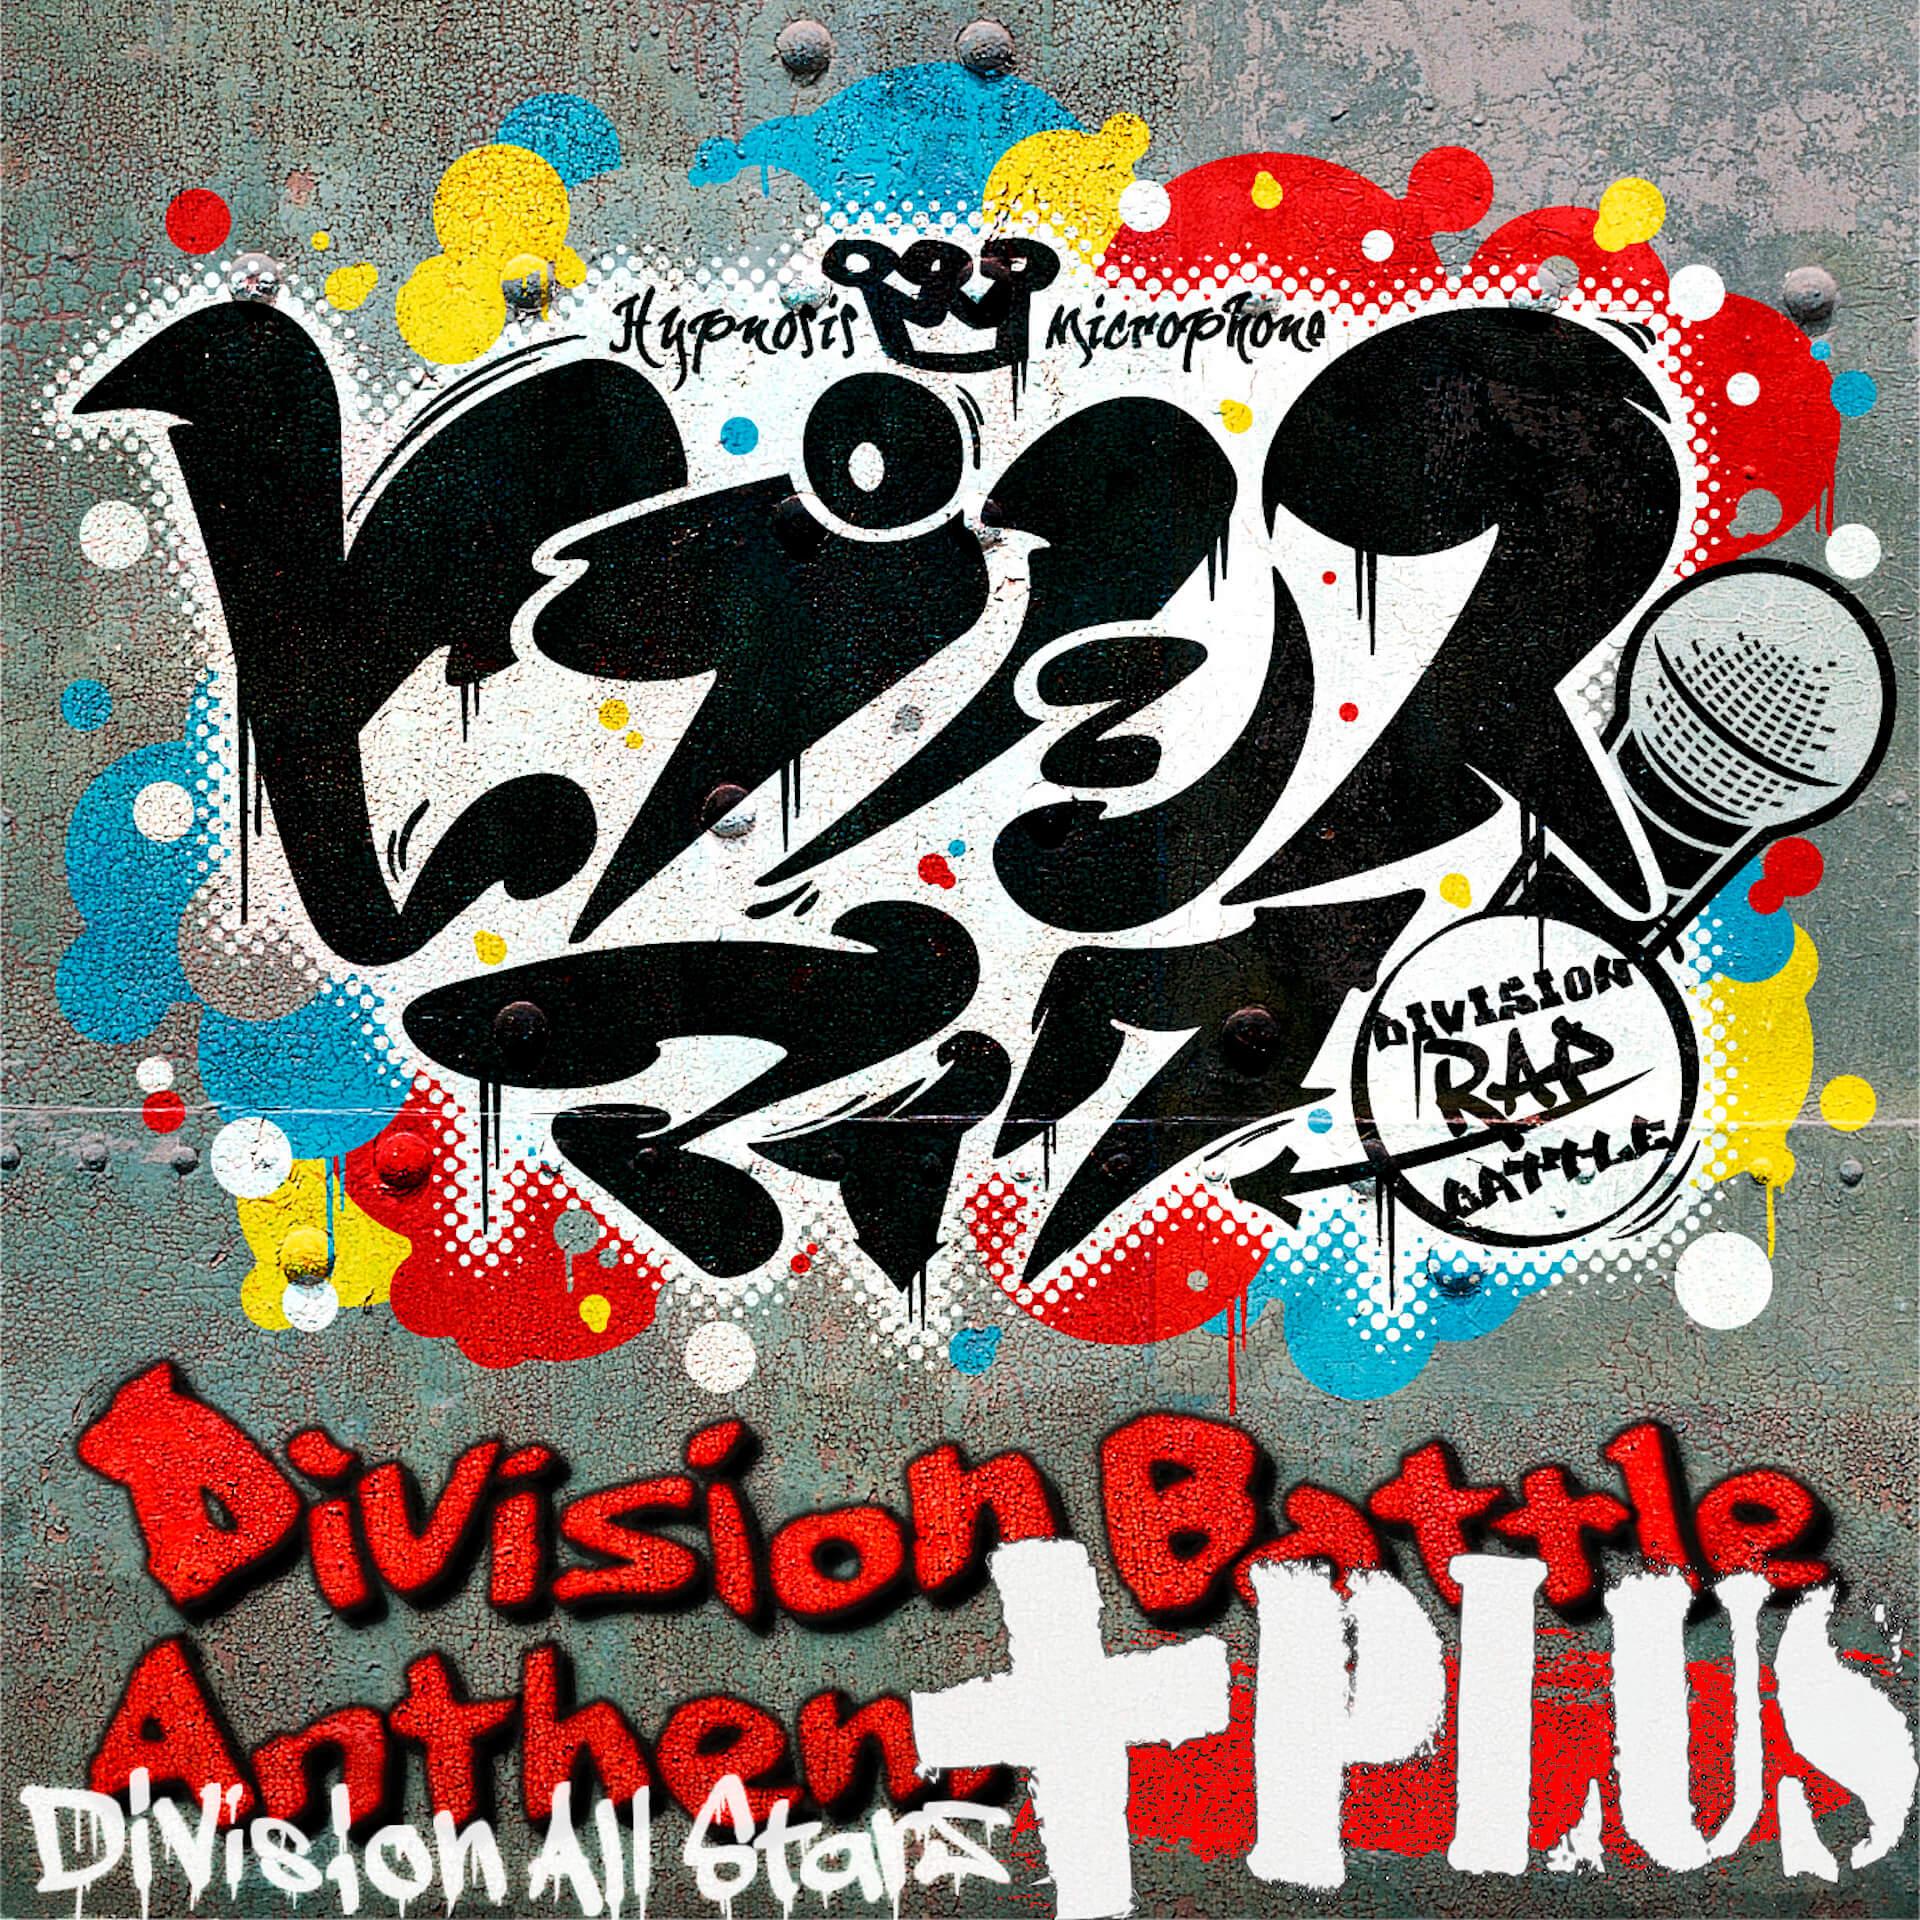 """ヒプノシスマイク""""-Division Battle Anthem- +""""が配信リリース決定!ヒプマイのオリジナルドリンク&ヒプマイ5thライブグッズも通販開始 art200325_hypnosismic_1"""